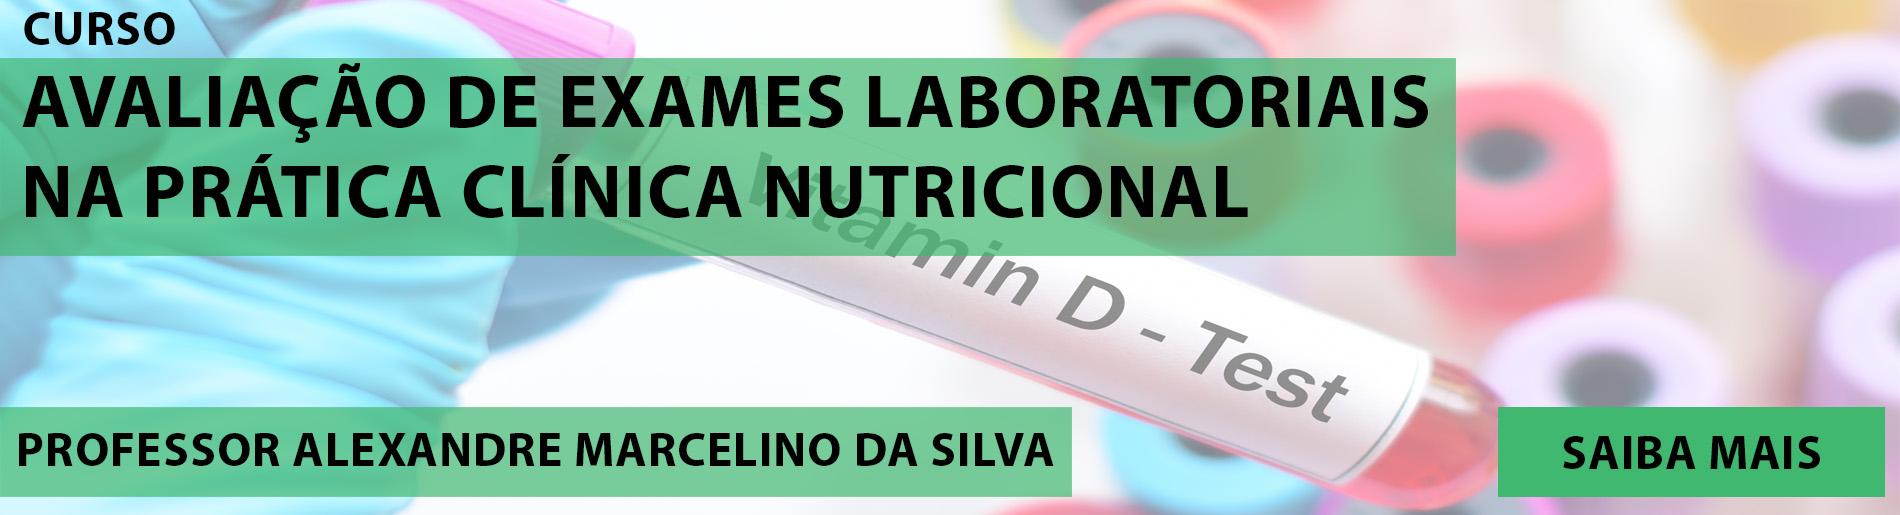 Avaliacao de exames laboratoriais na pratica clínica nutricional